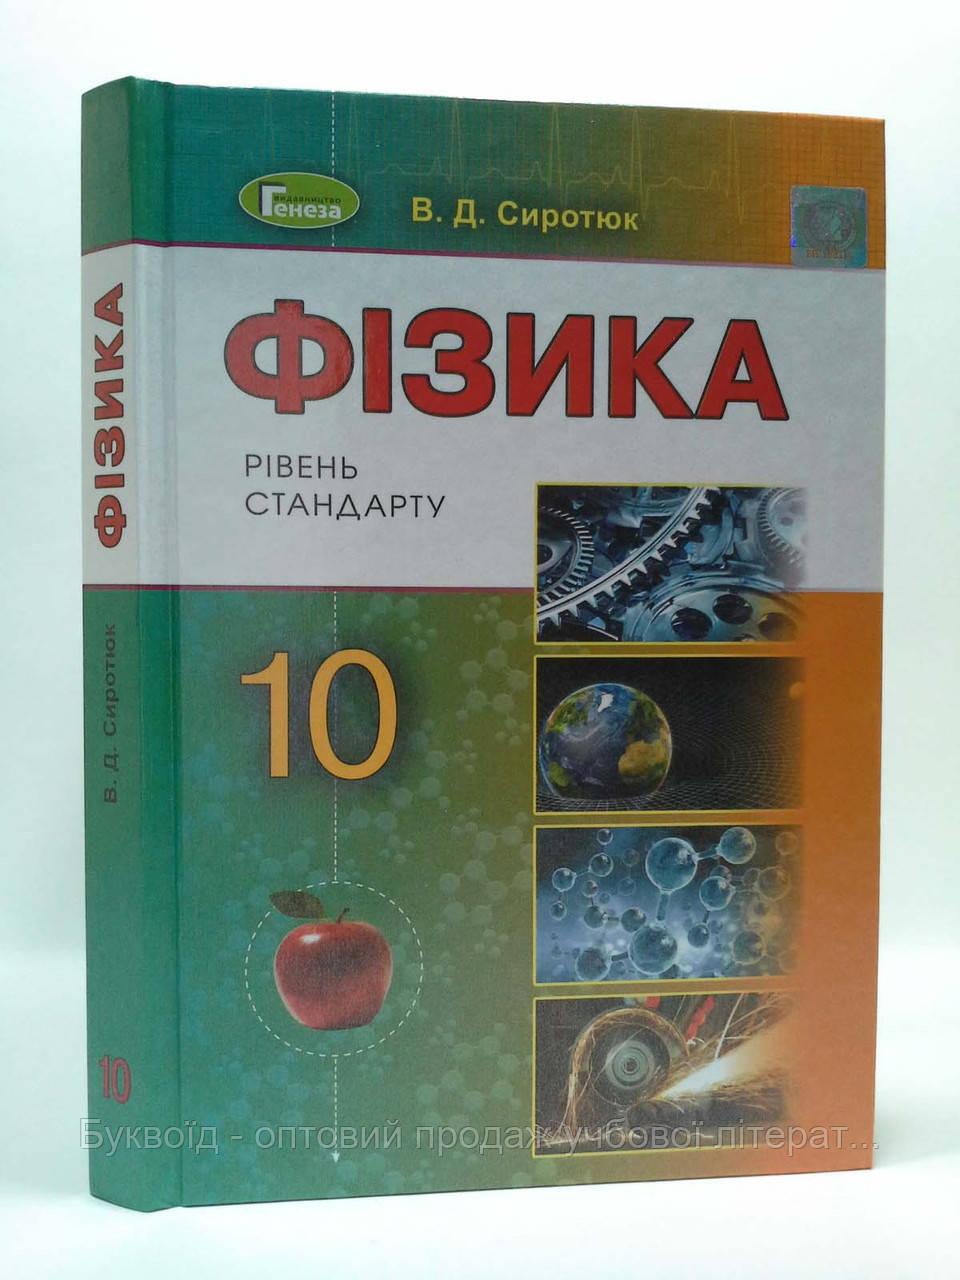 Фізика 10 клас Підручник Сиротюк Генеза ISBN 978-966-11-0109-7